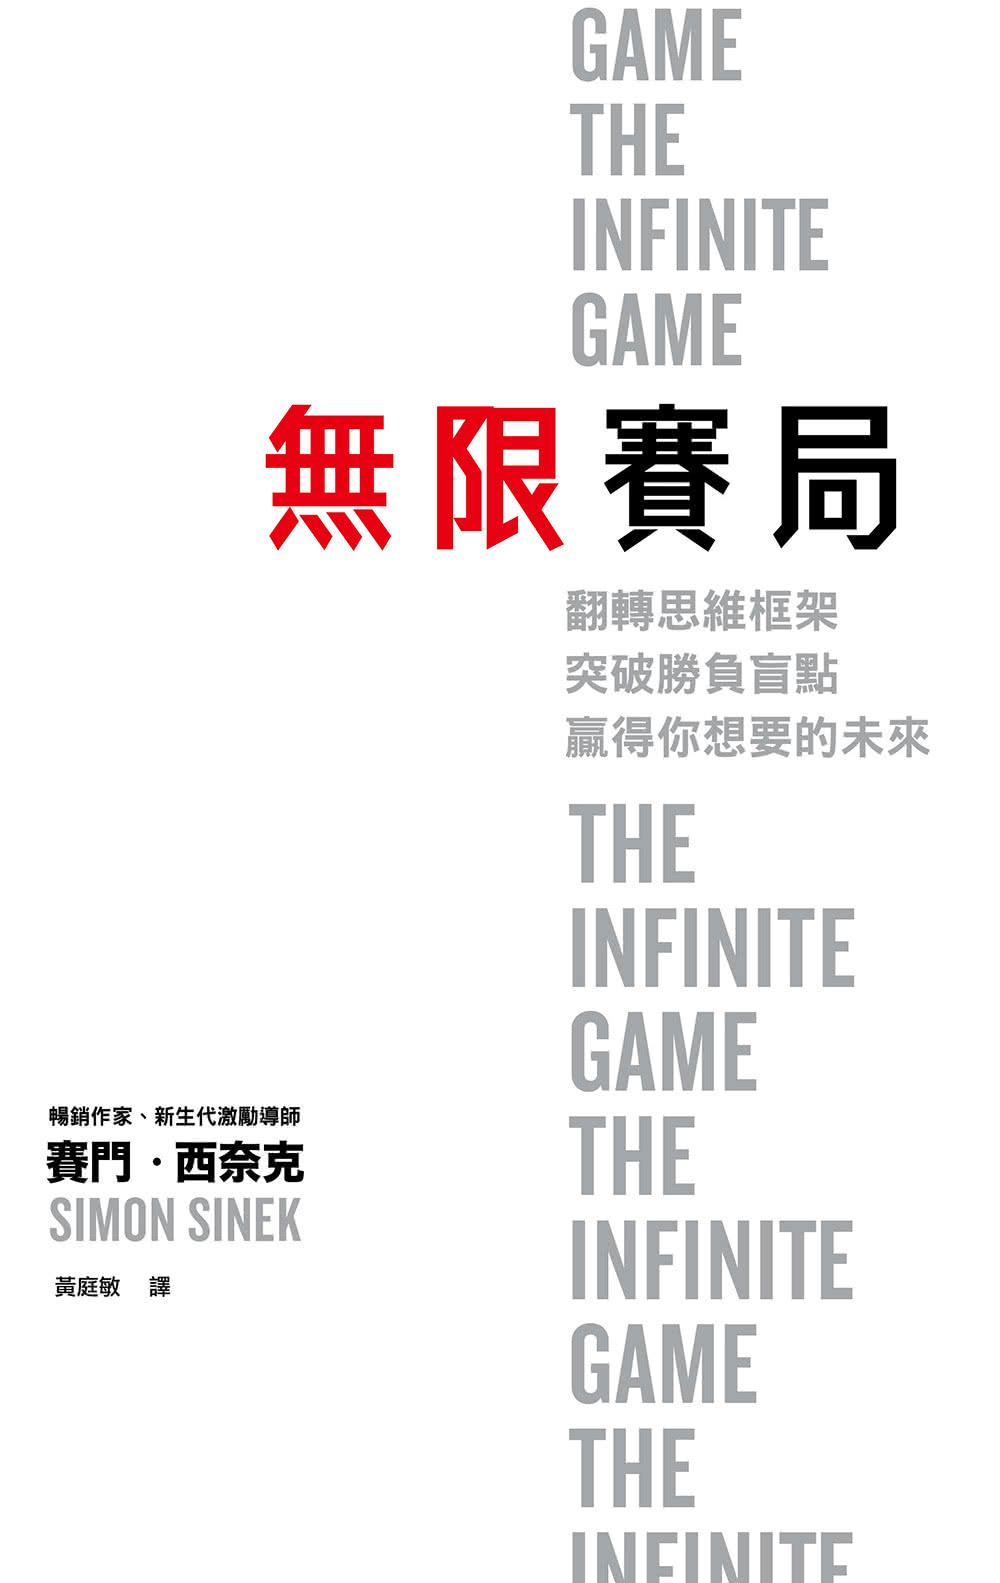 無限賽局:翻轉思維框架 突破勝負盲點 贏得你想要的未來